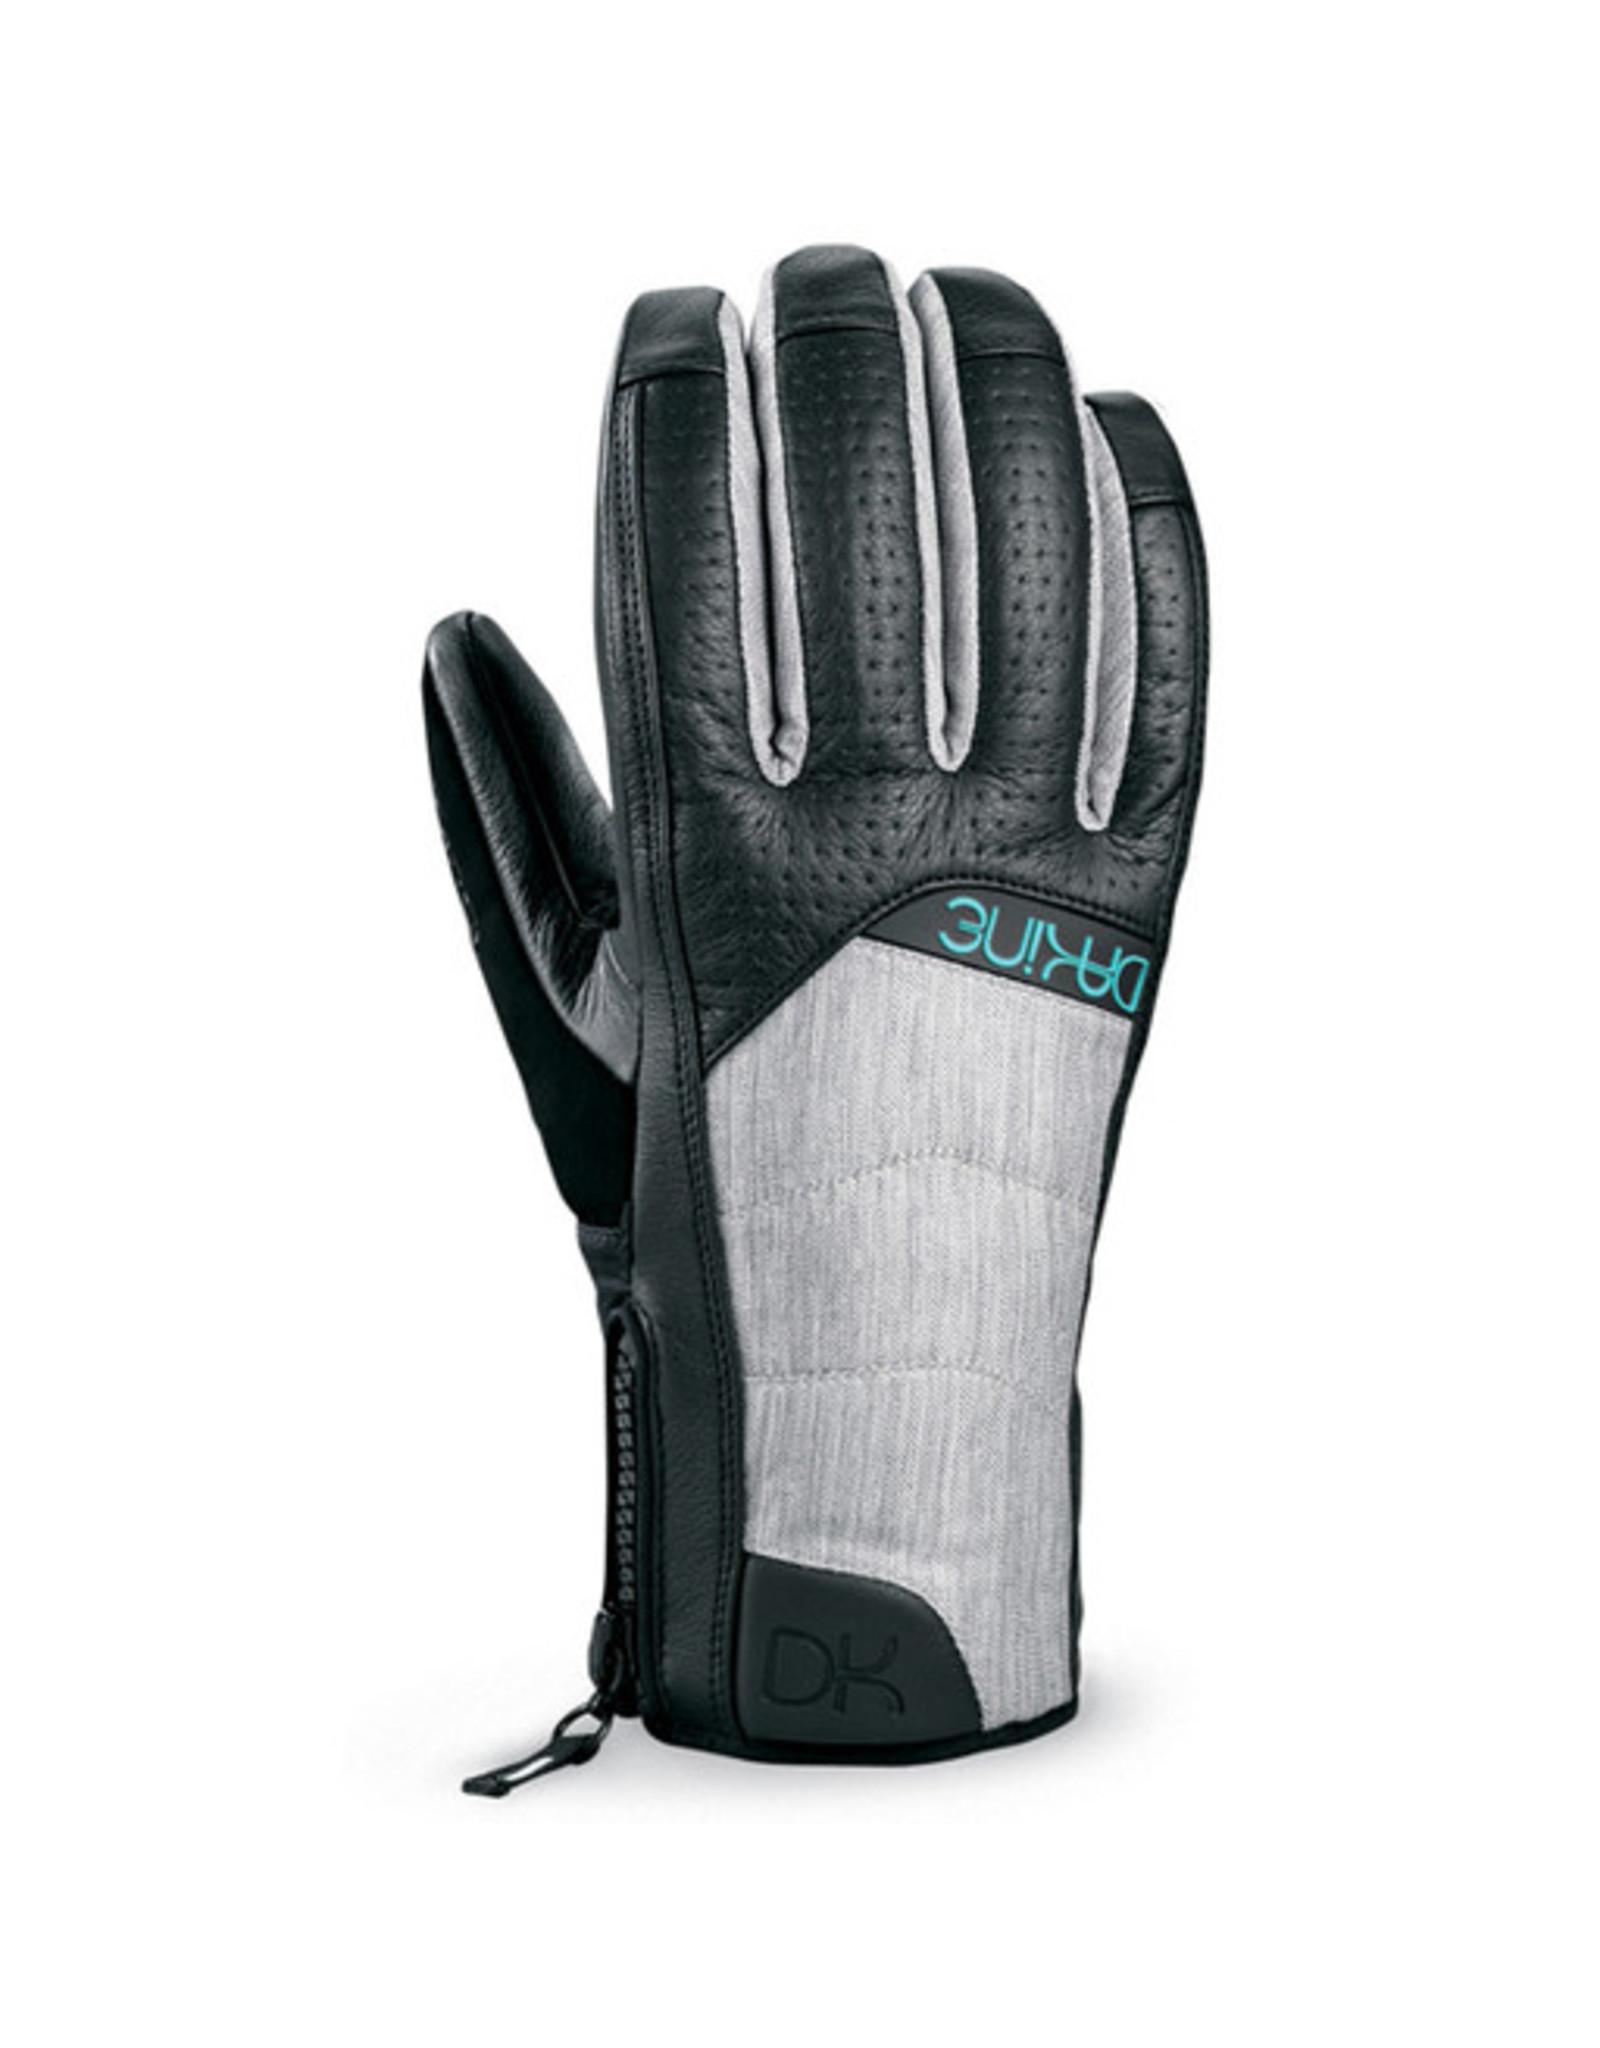 Dakine Dakine - Targa Gor-Tex Glove